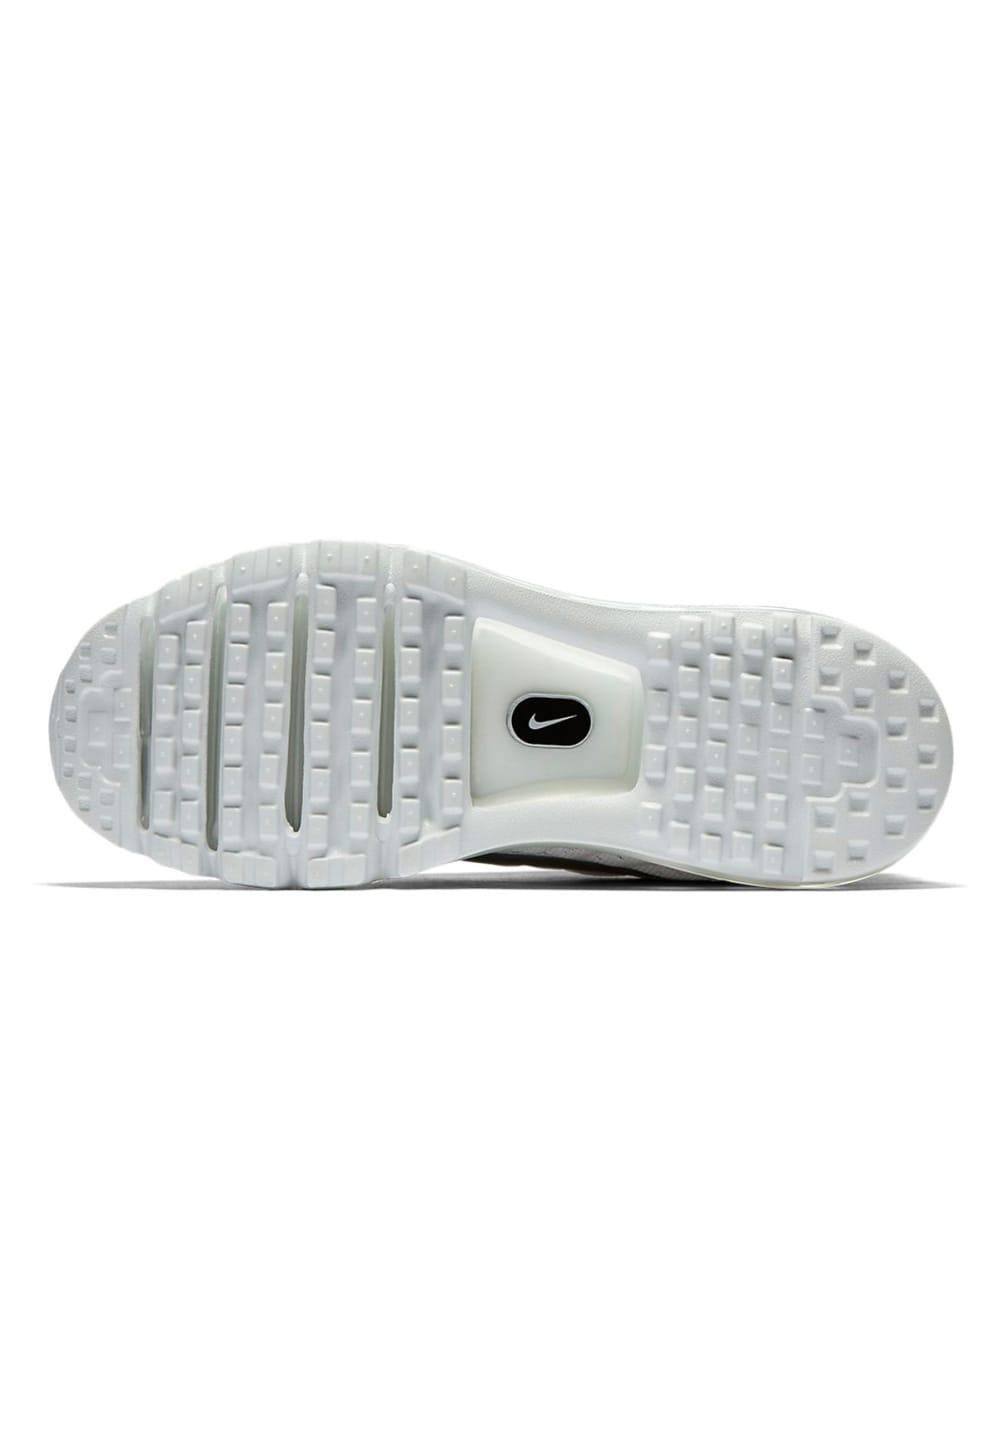 huge selection of b924b 2eb44 Next. -40%. Dieses Produkt ist derzeit ausverkauft. Nike. Air Max 2017 -  Laufschuhe für Damen